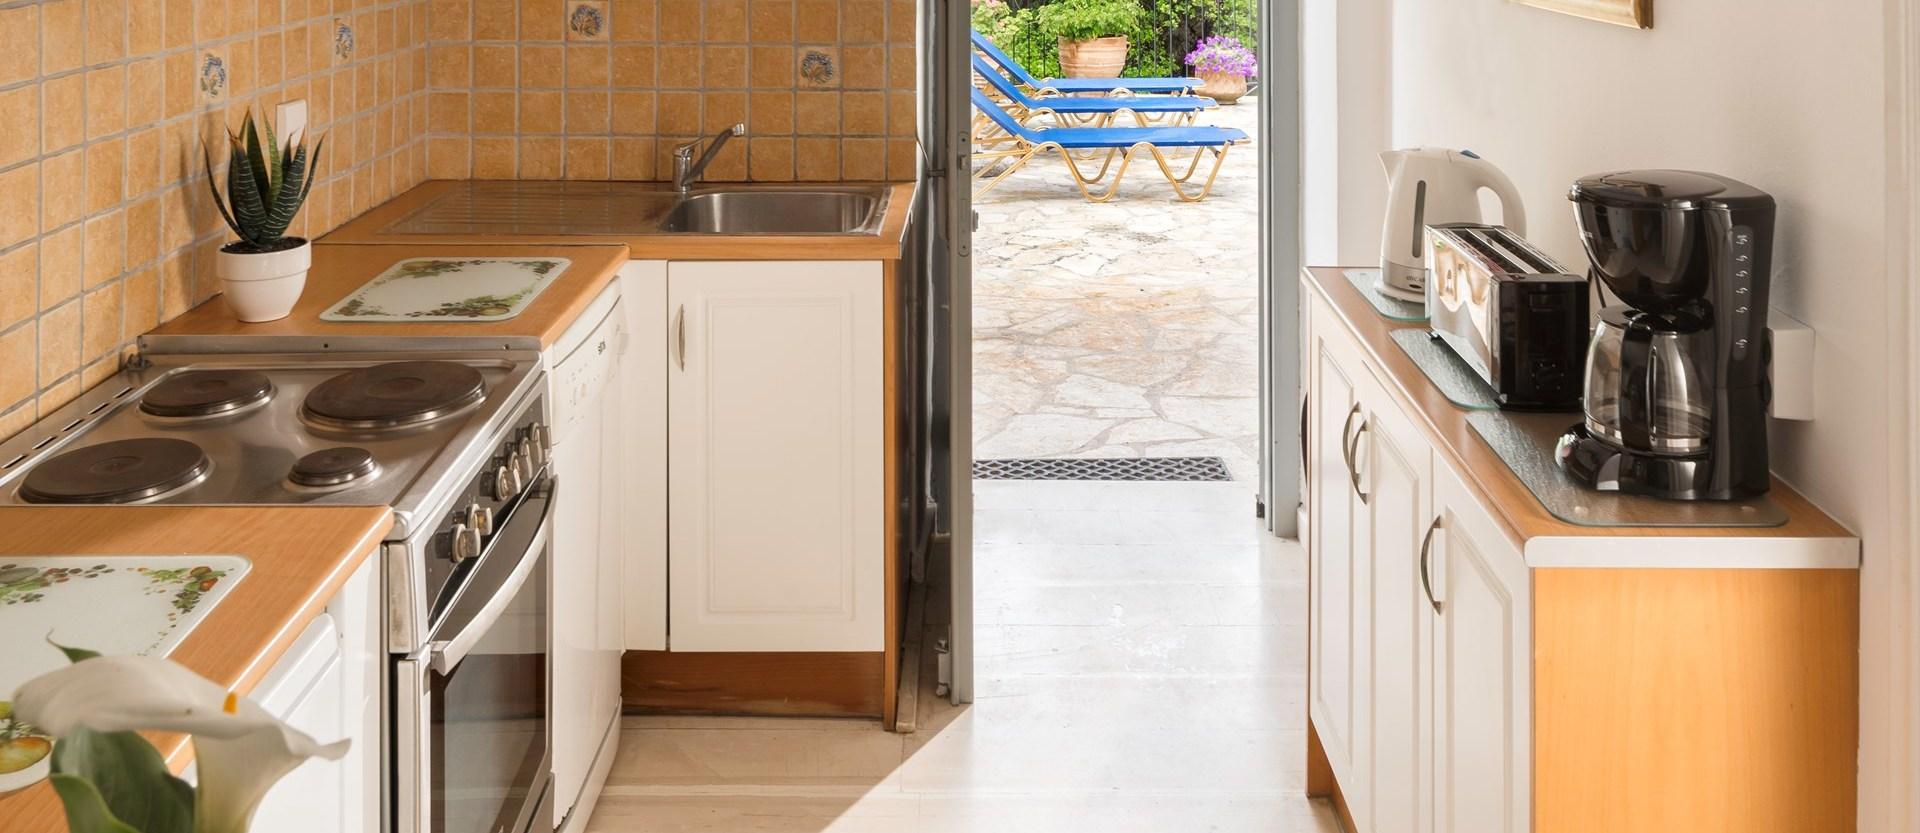 apraos-house-corfu-kitchen